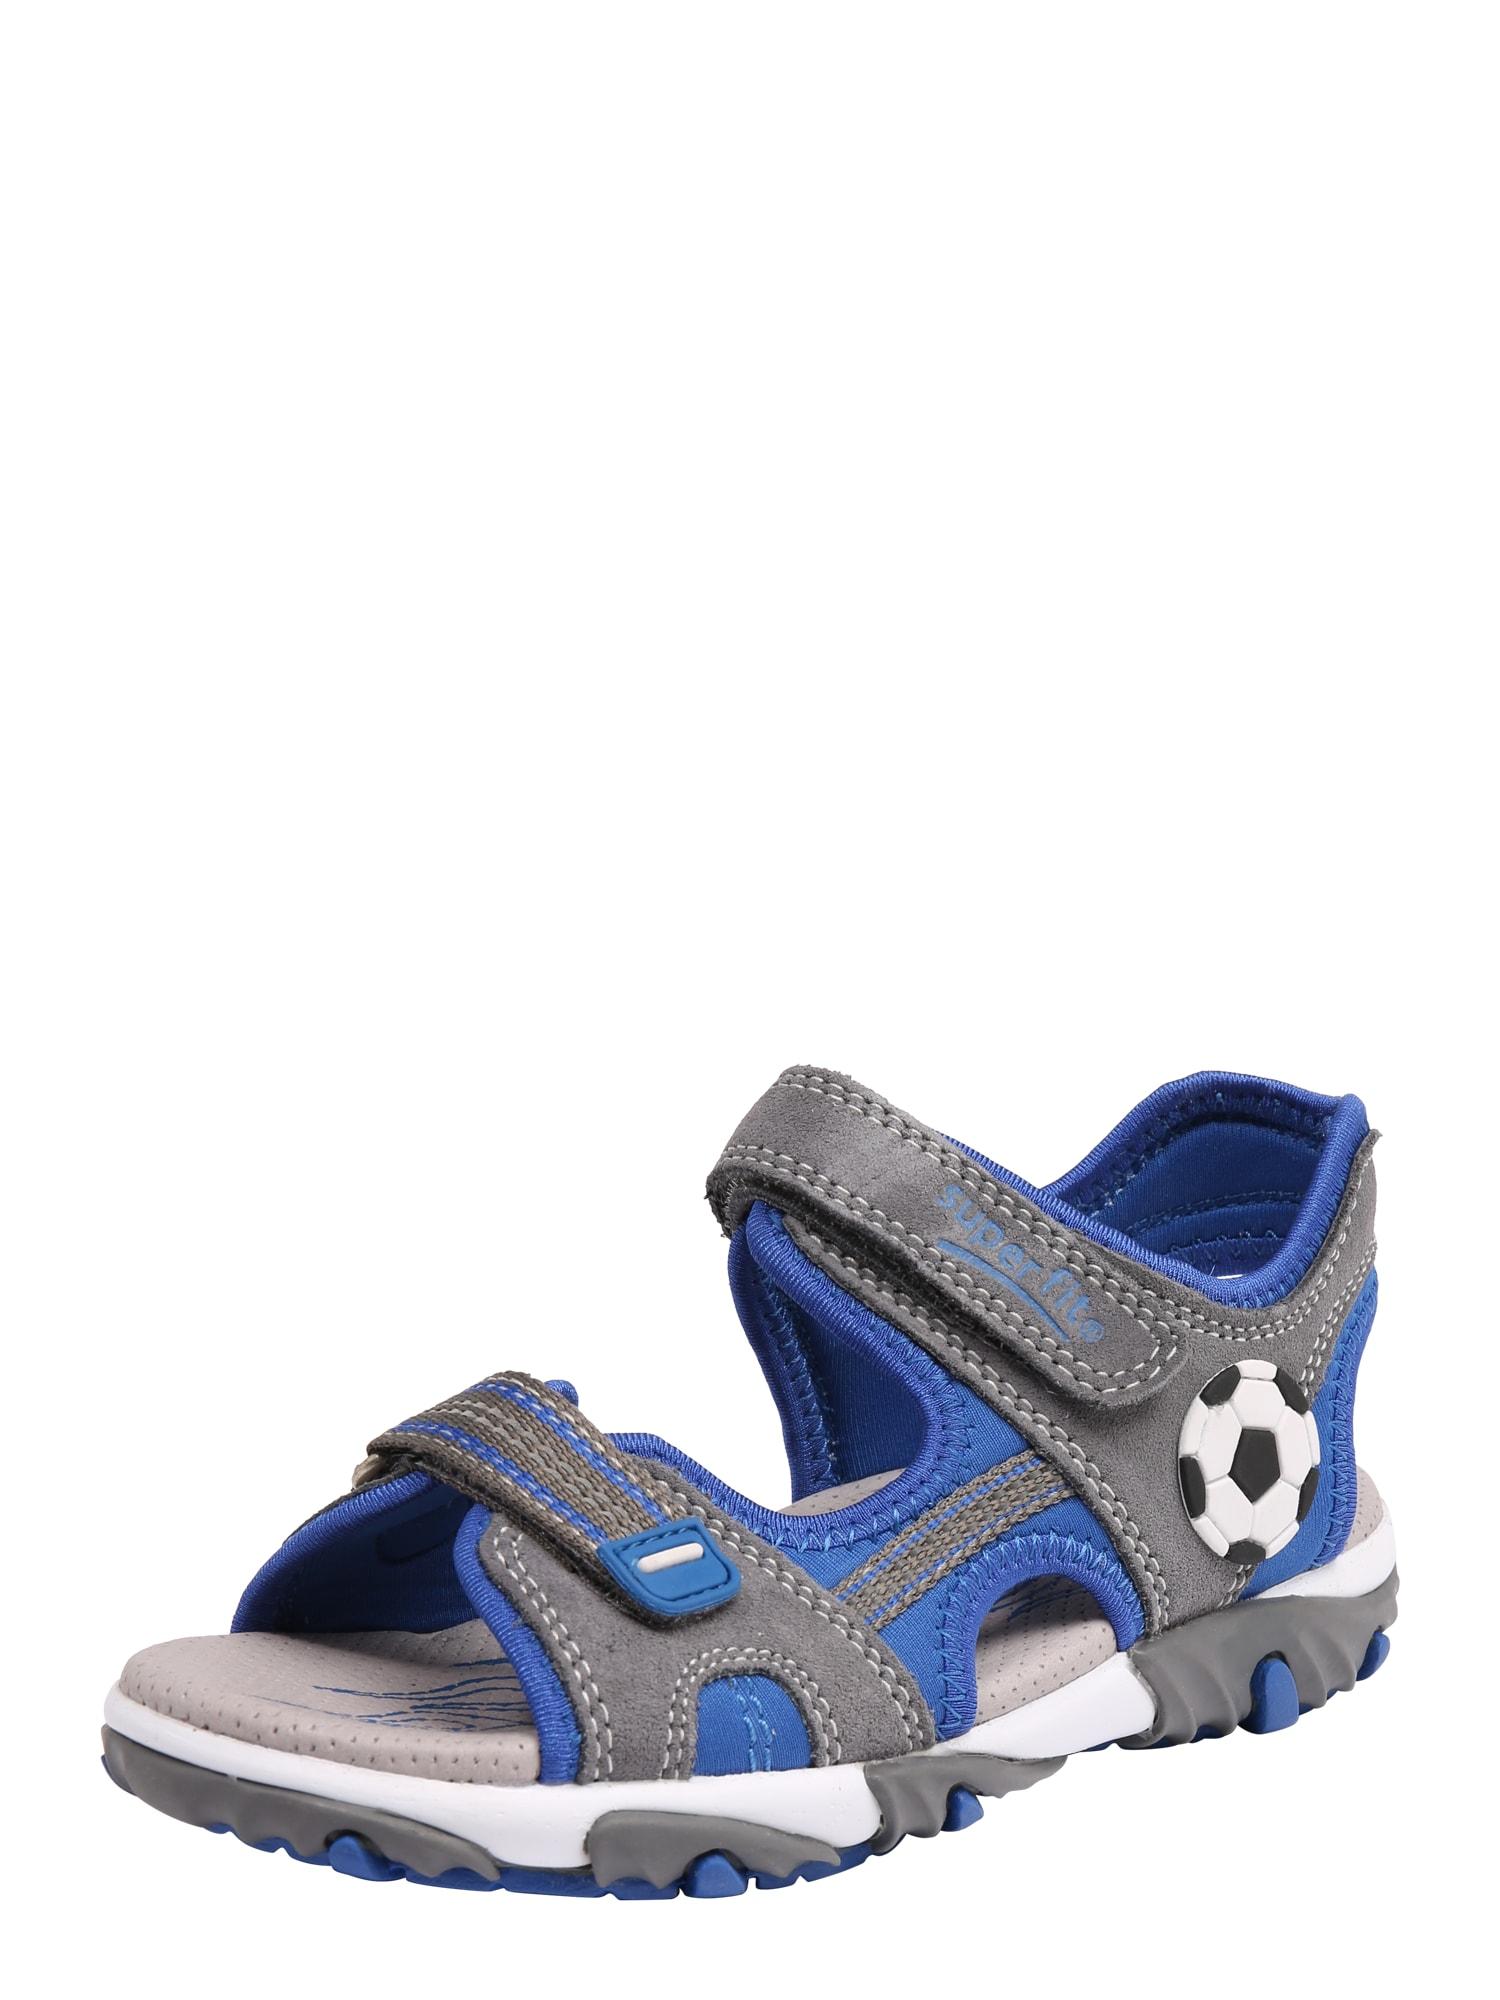 Otevřená obuv MIKE 2 modrá šedá SUPERFIT